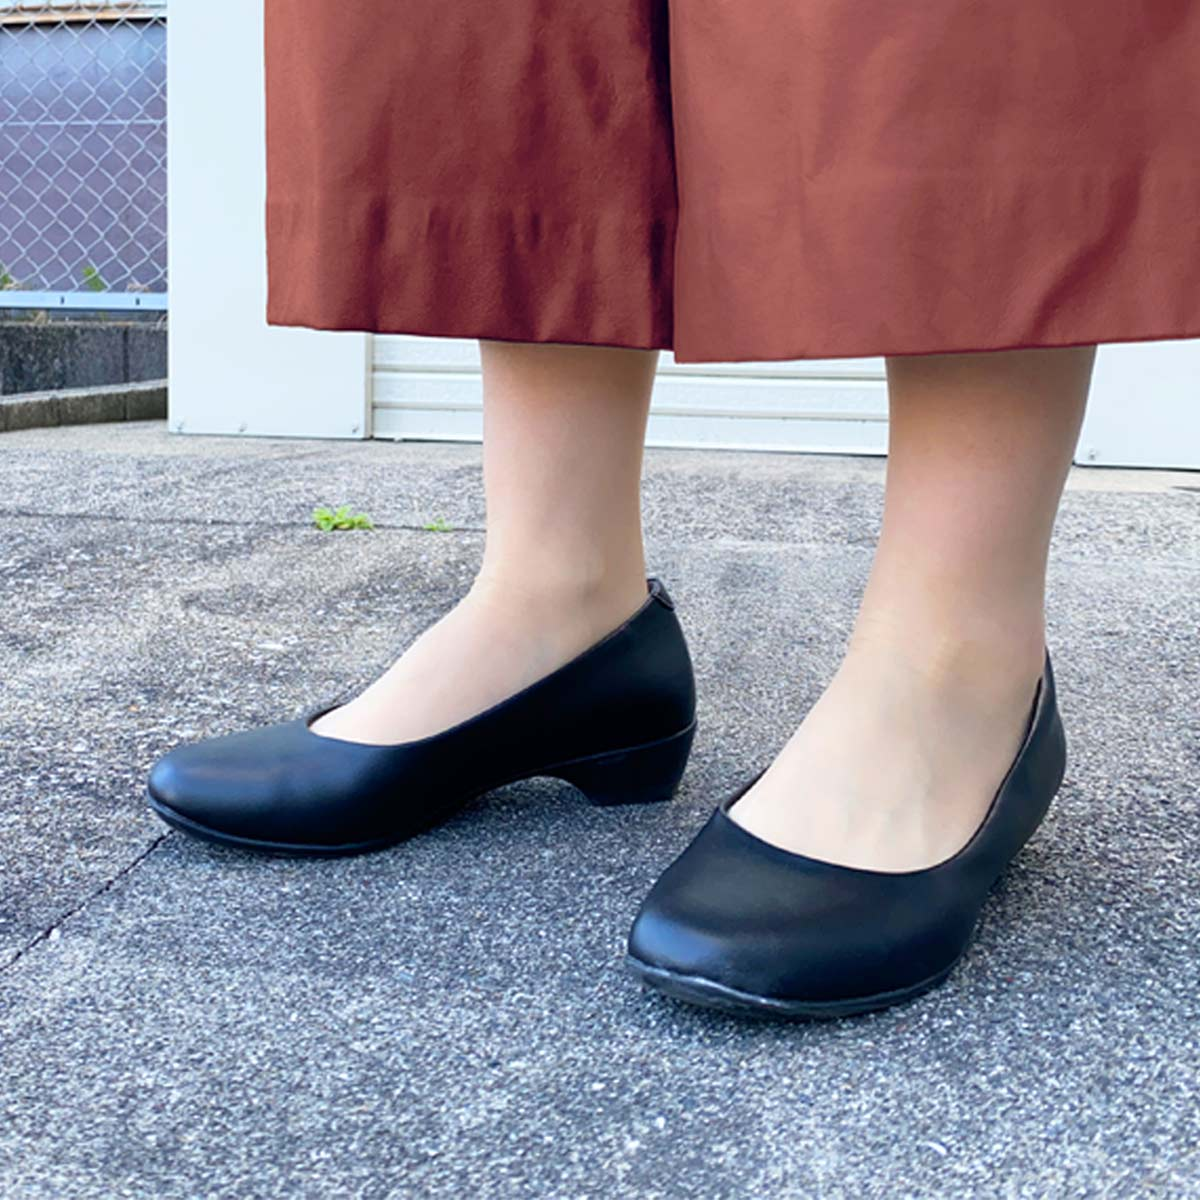 「20km歩けるパンプス」の実力は? 普通の靴と歩き比べてみた!